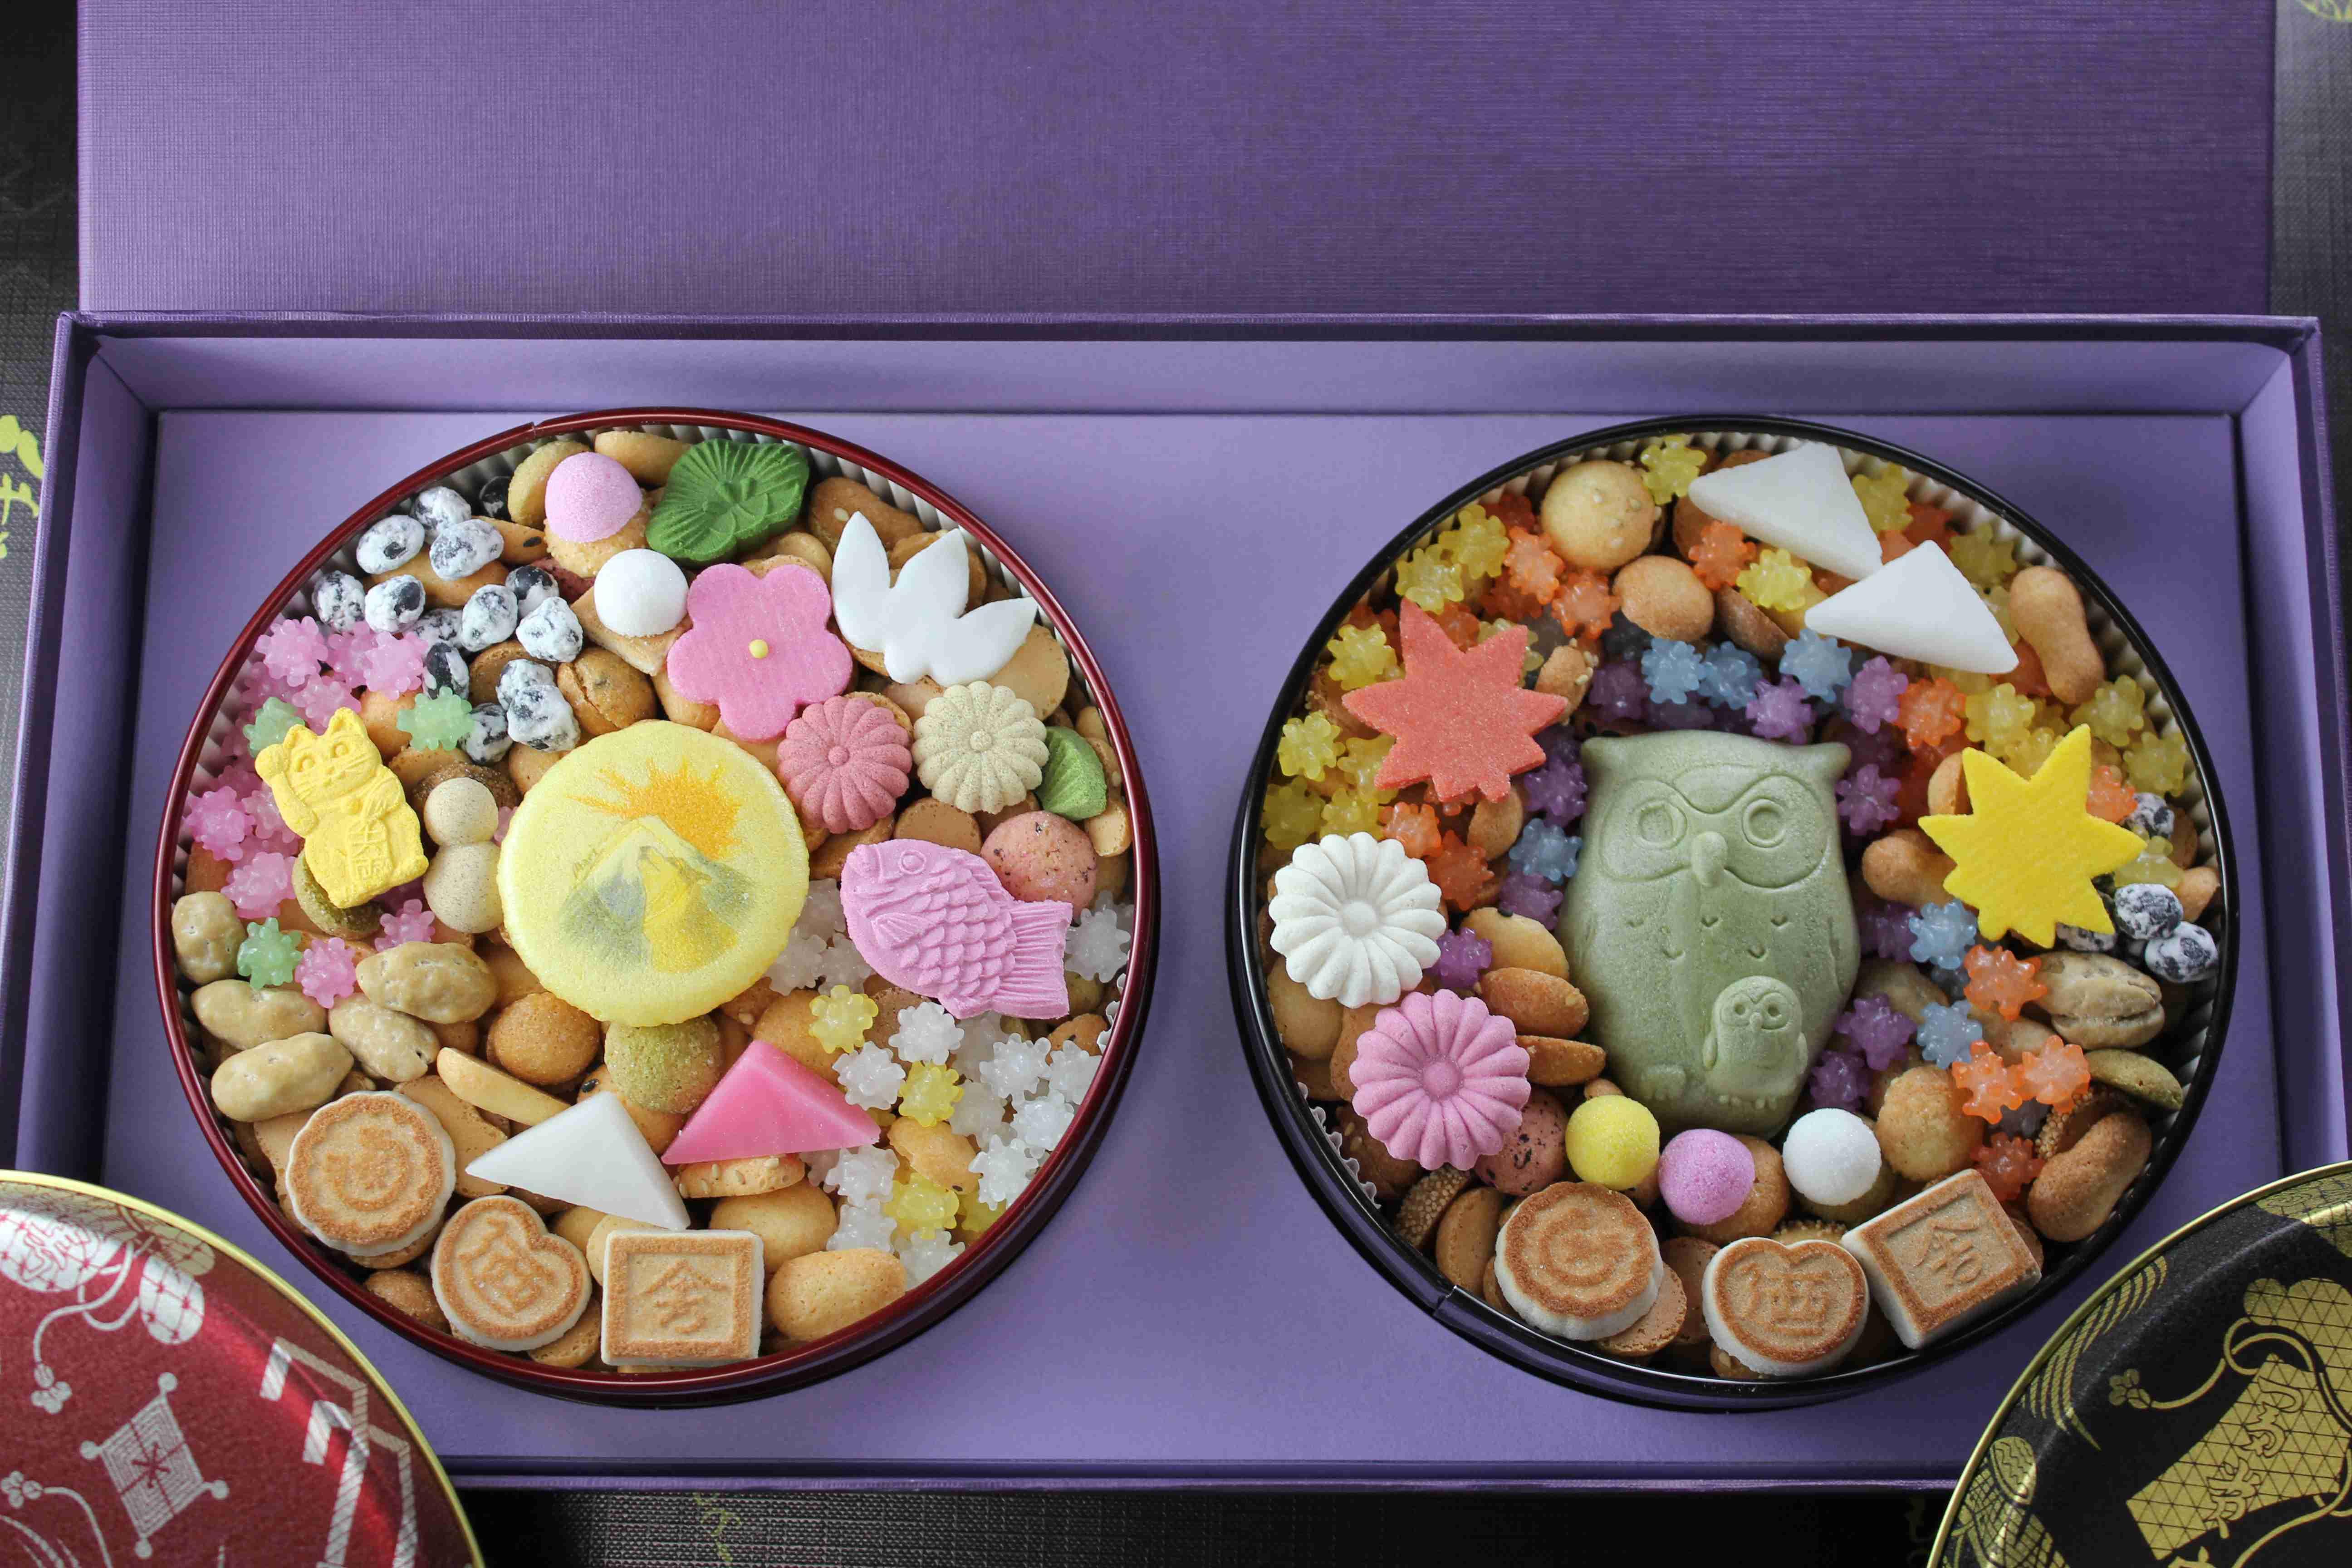 和菓子にお茶の画像で まったり雑談しましょう